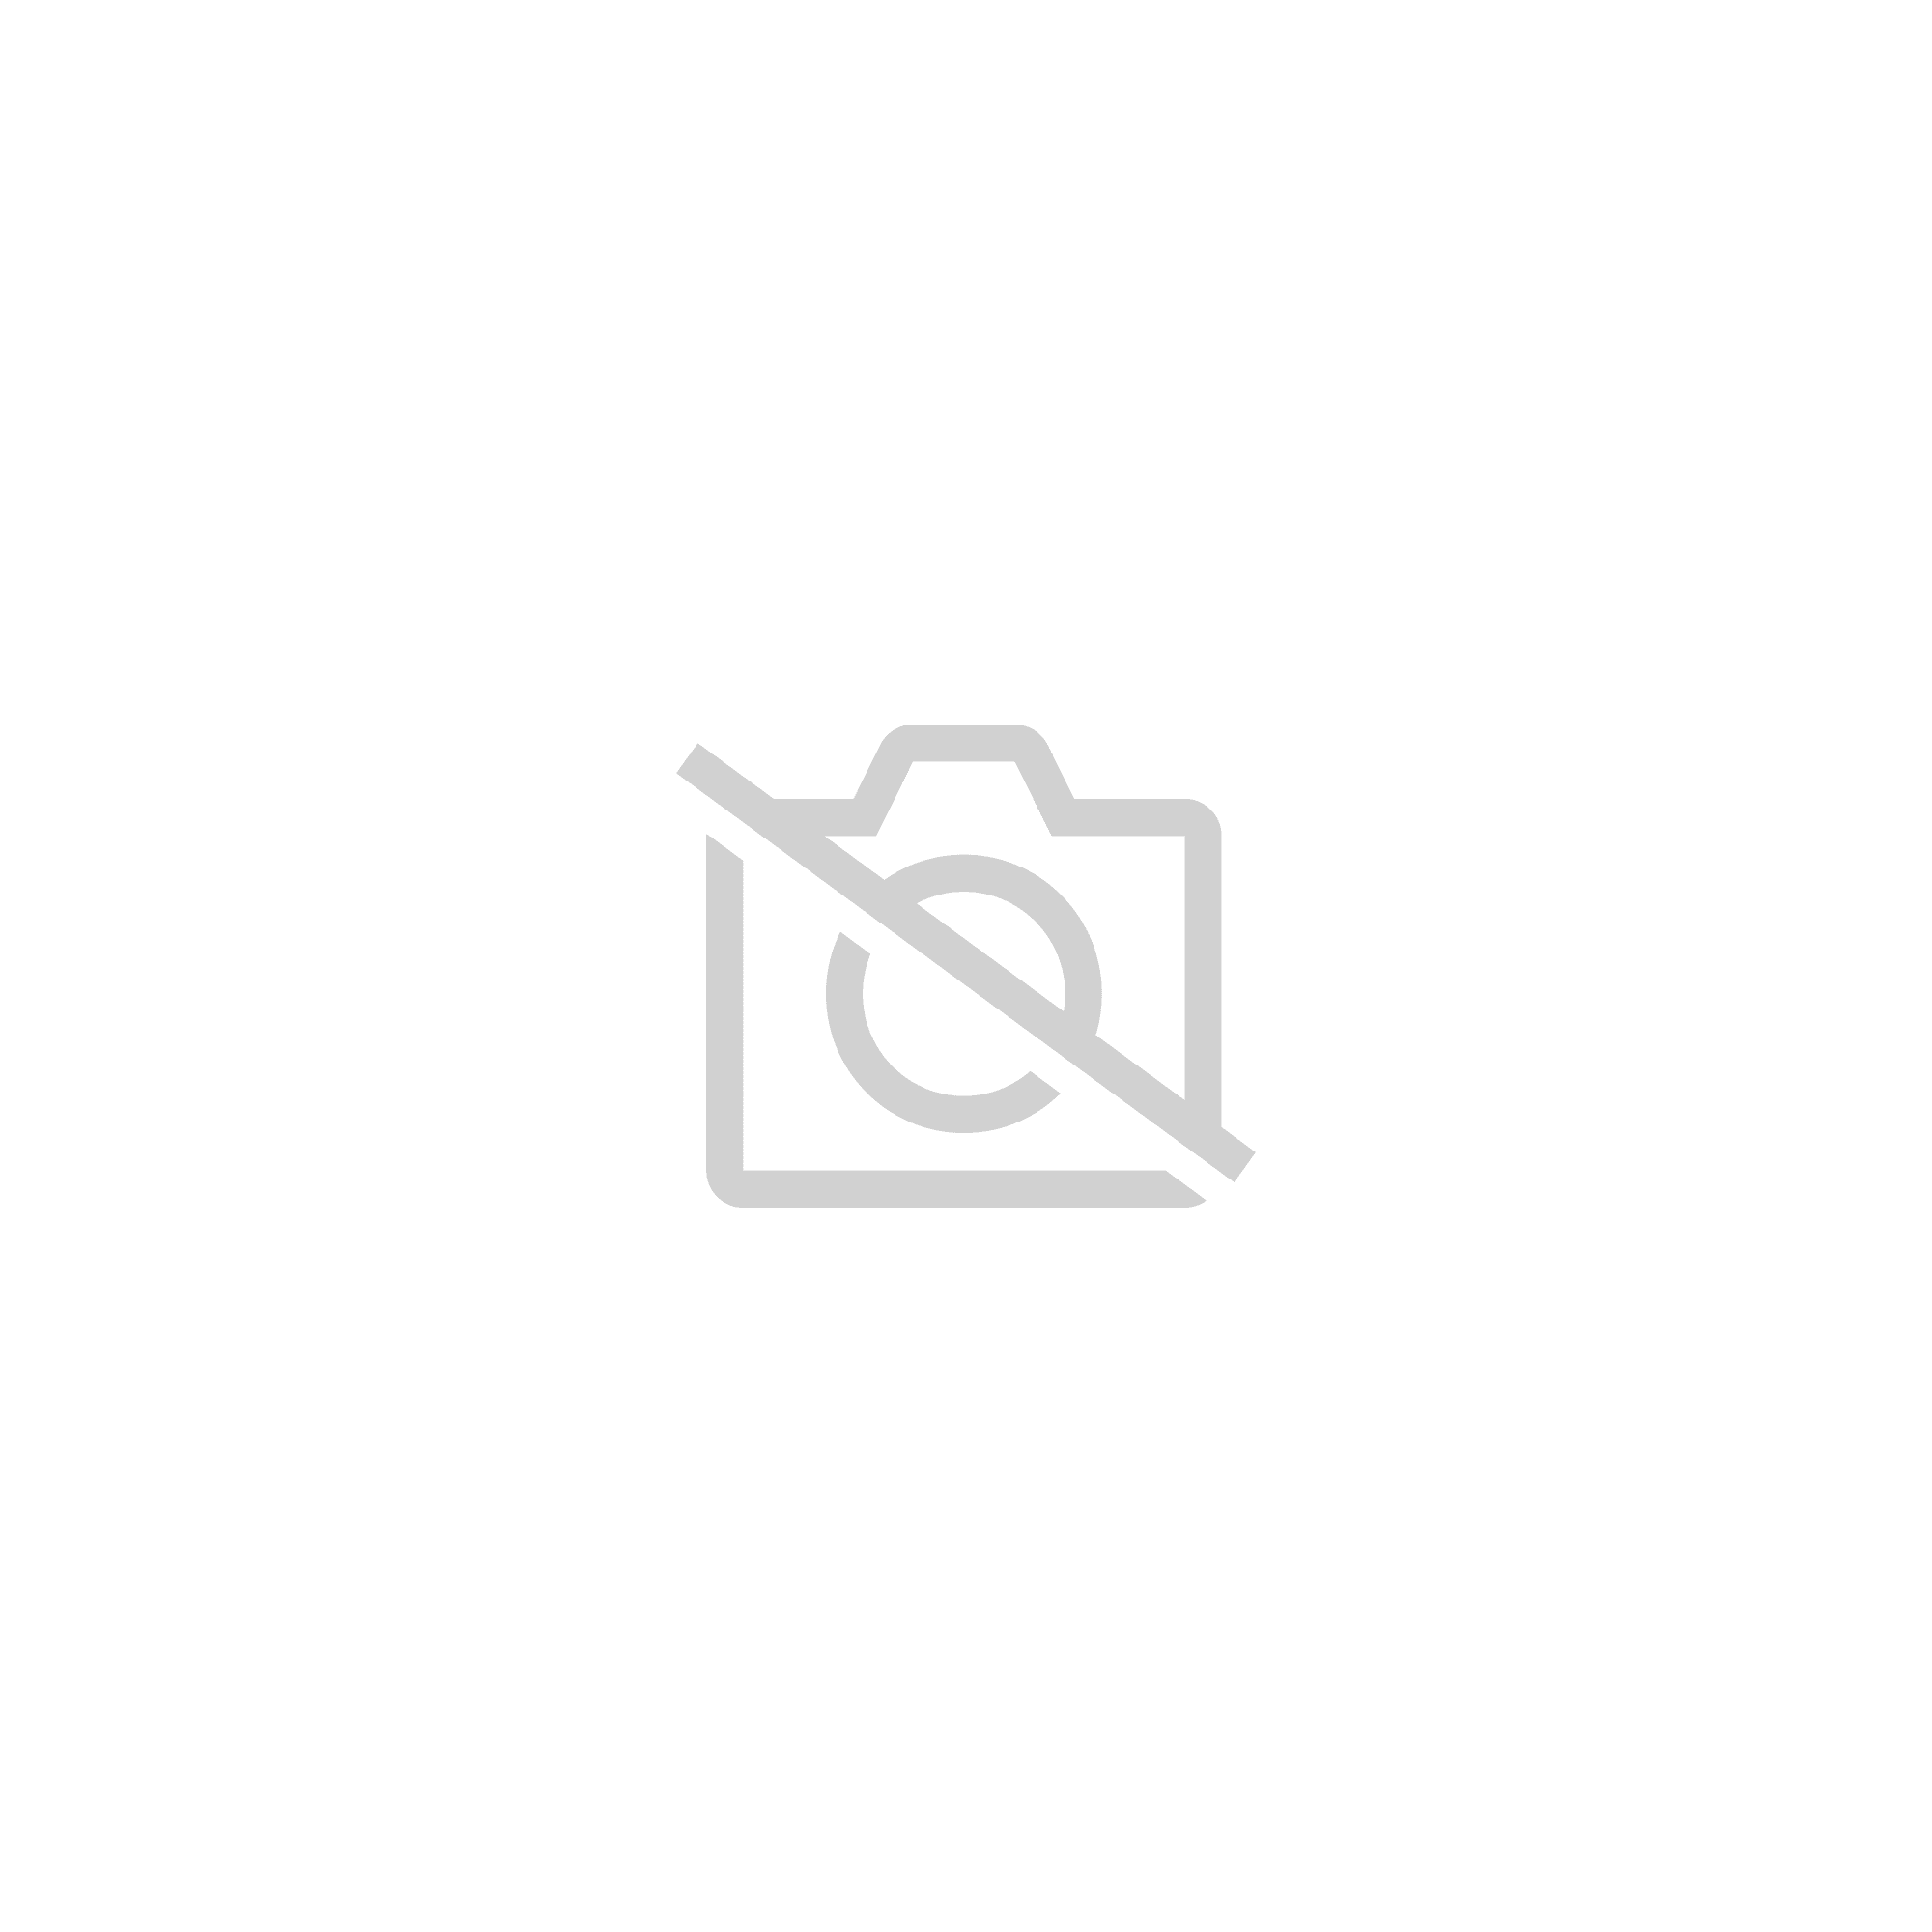 c0e2b99ac4a Mlp - Comparez les prix des Livres d Occasion ou Neufs